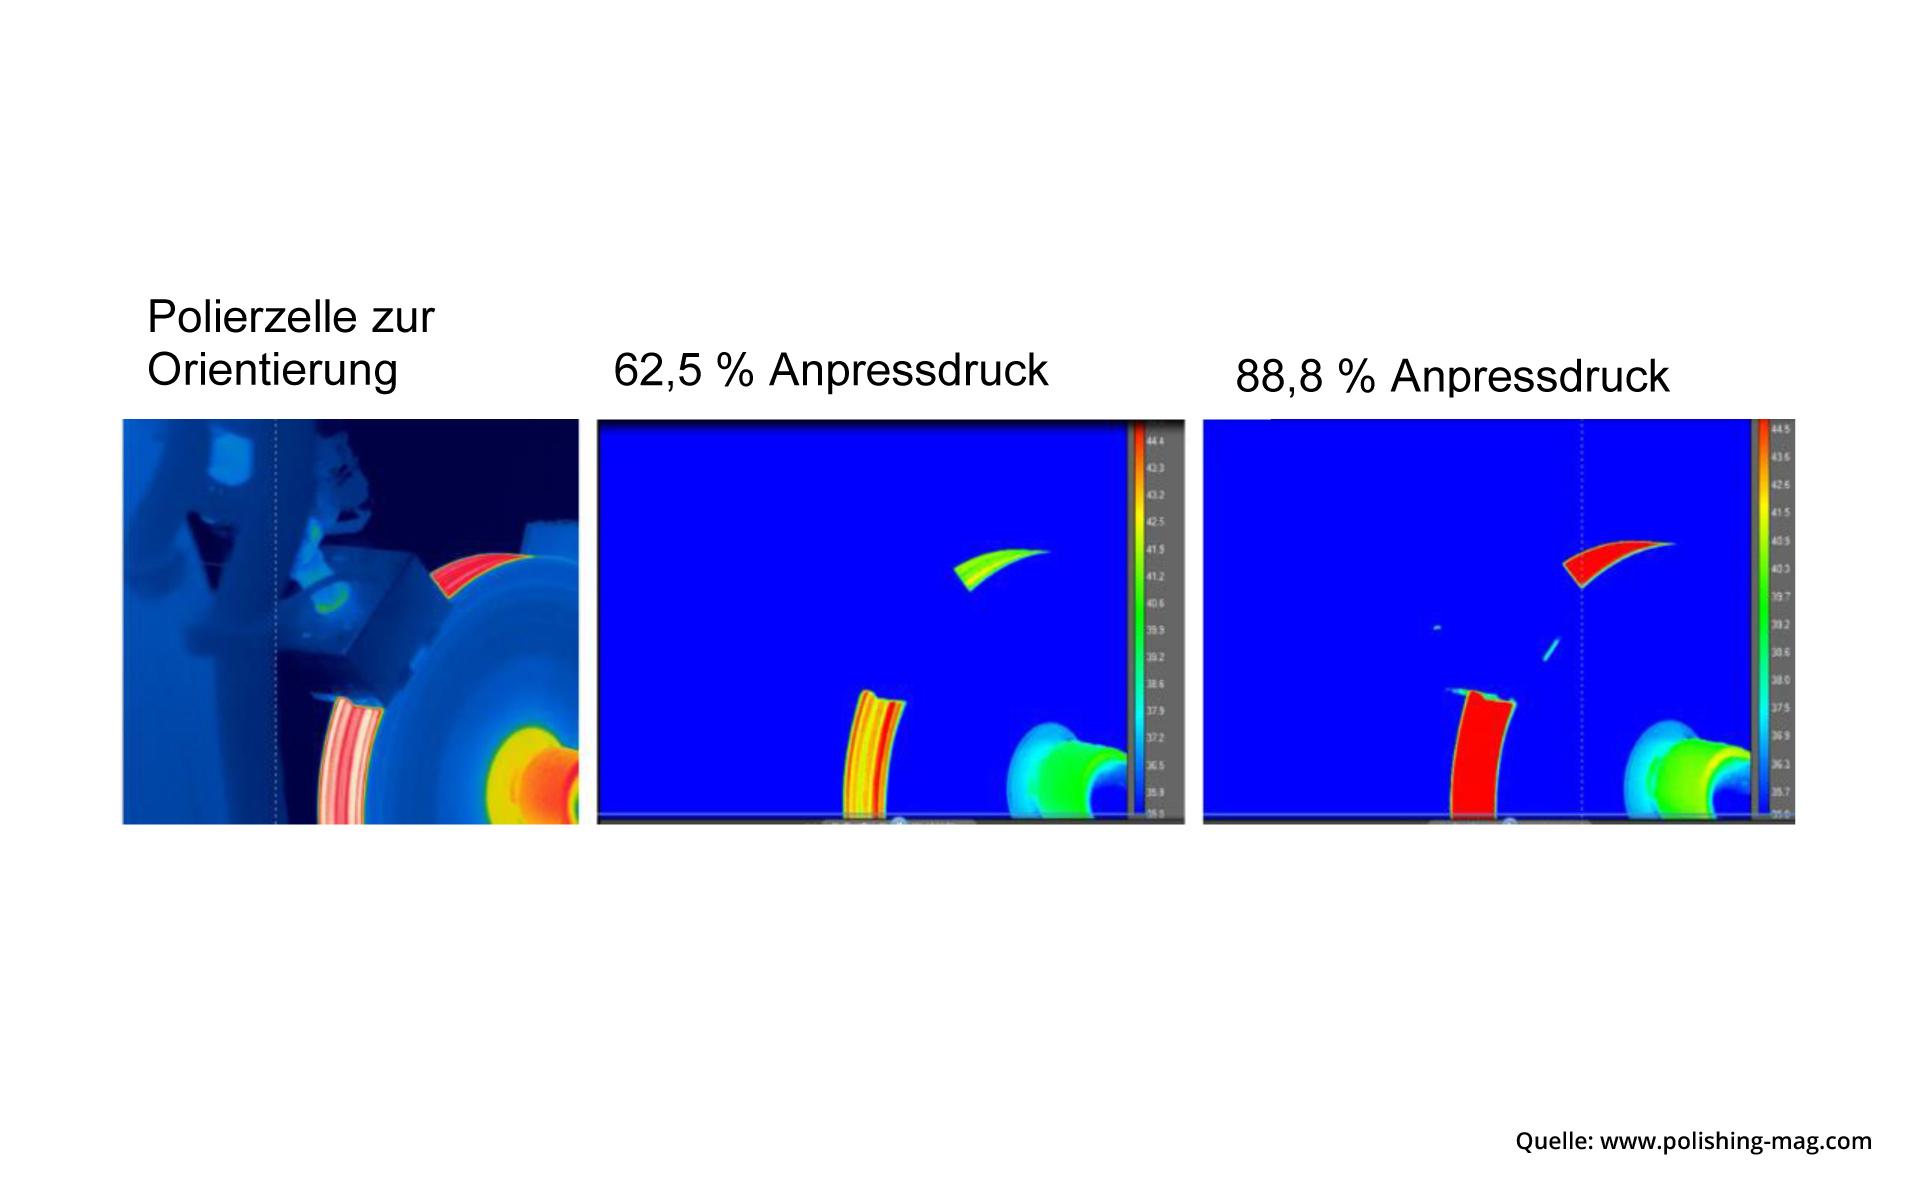 Die Inline-Messung ermöglicht Verbesserungen und optimiert somit Polierverfahren.